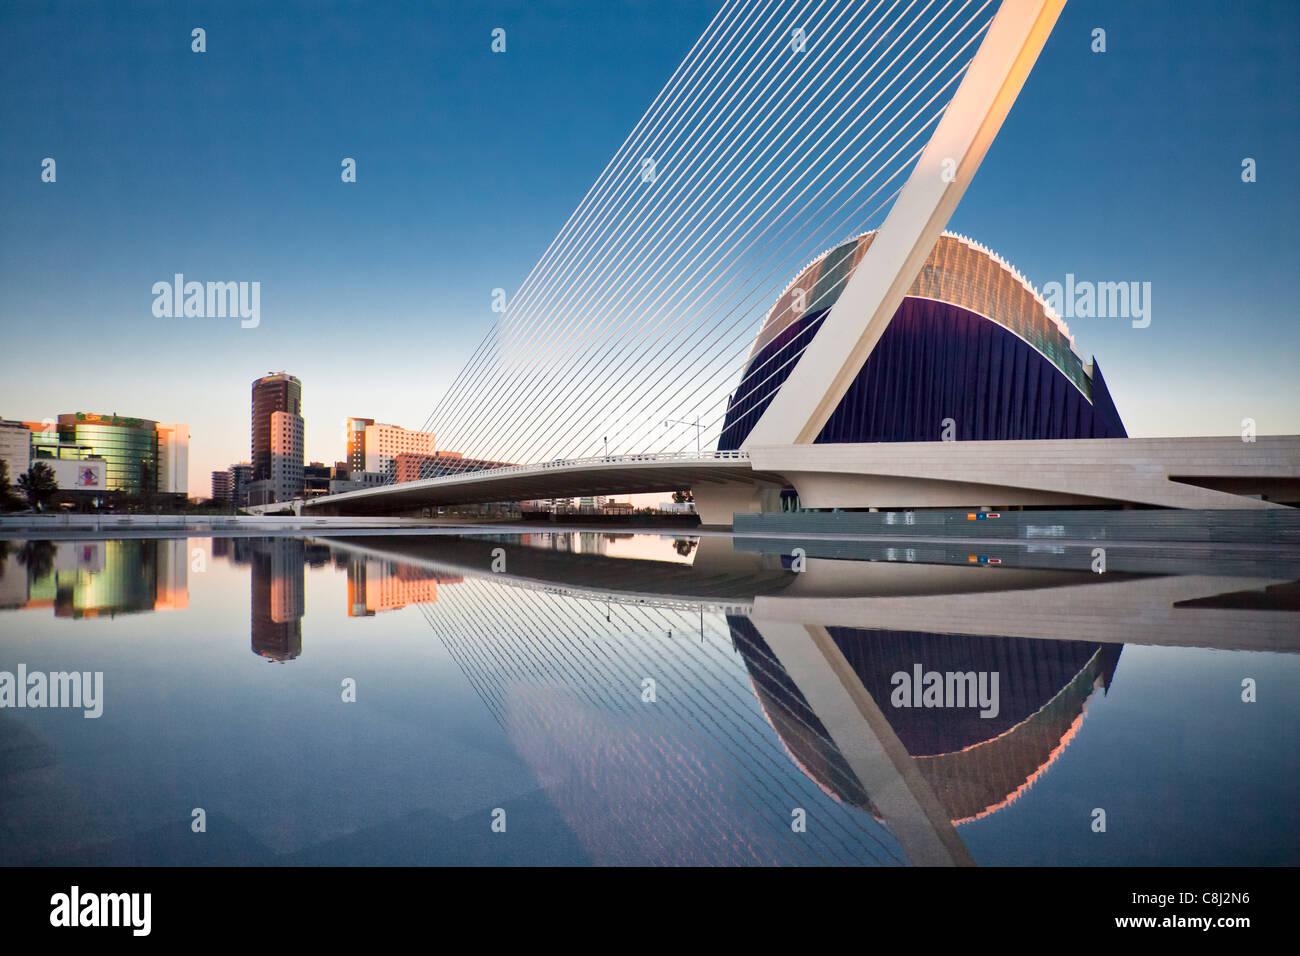 España, Europa, Valencia, Ciudad de las Artes y las Ciencias, Calatrava, la arquitectura moderna, SUPR o Assut, Imagen De Stock